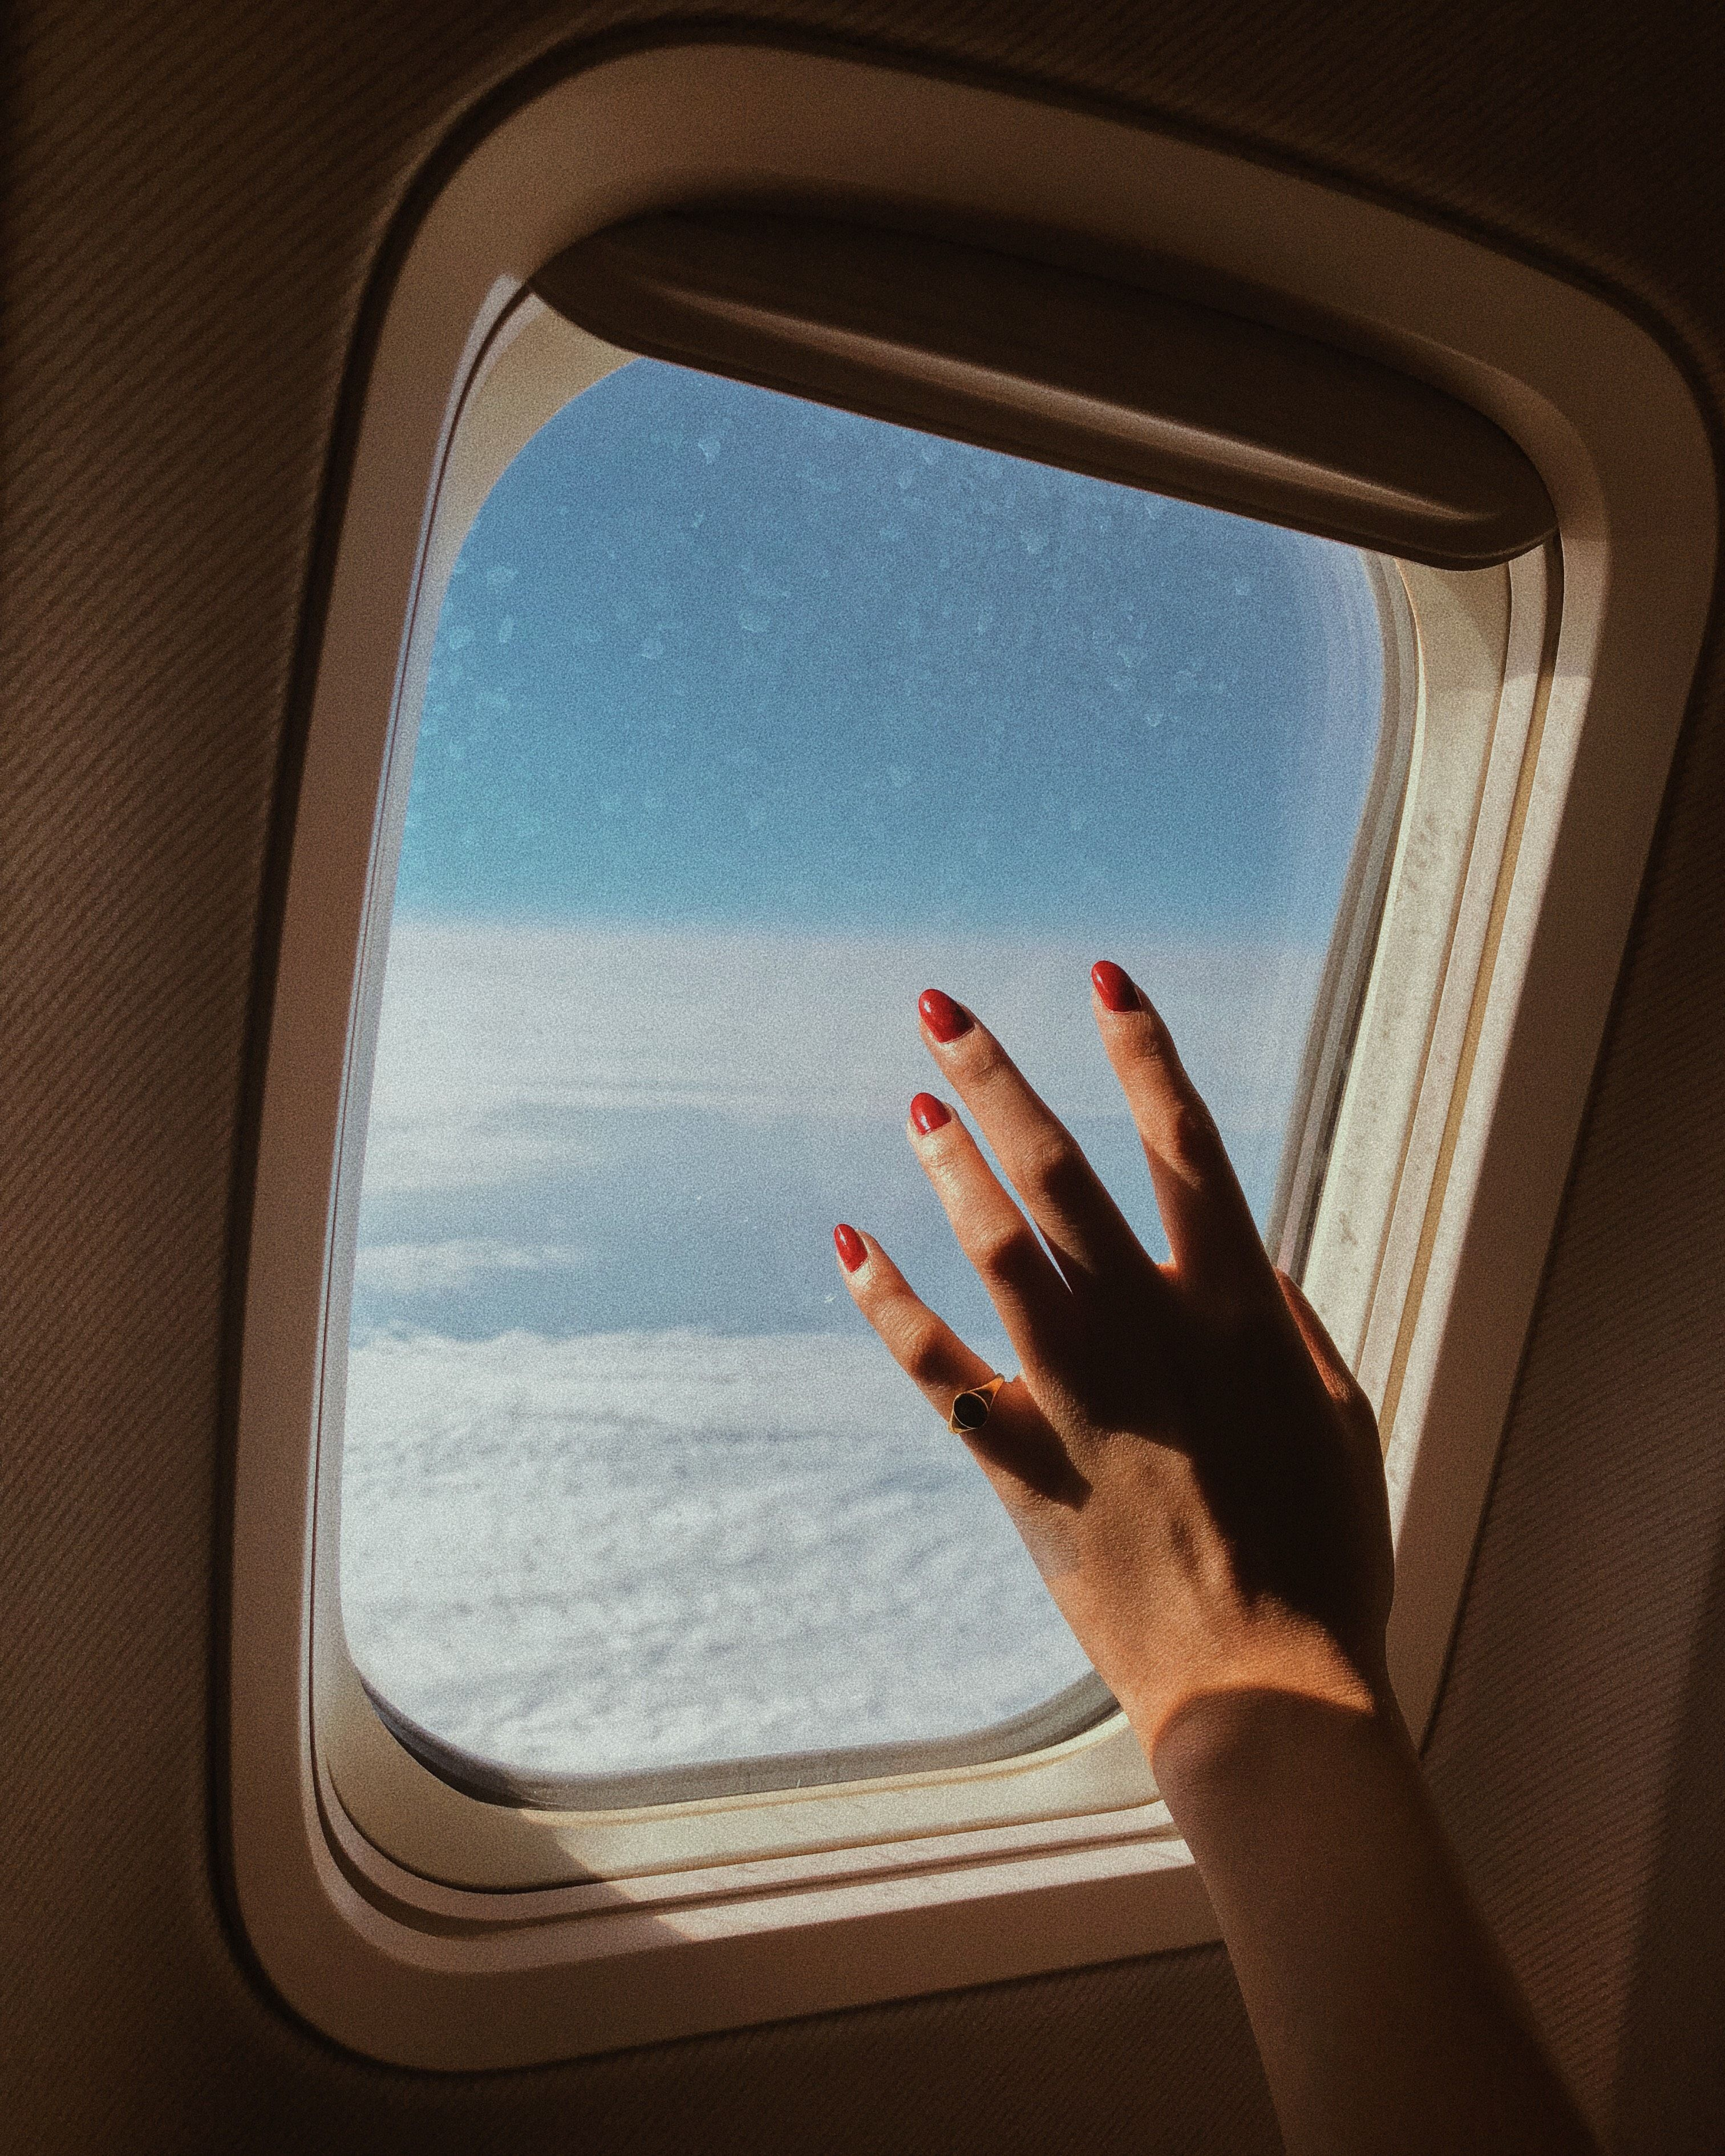 выходит картинка человек сидит у иллюминатора самолета карточкой